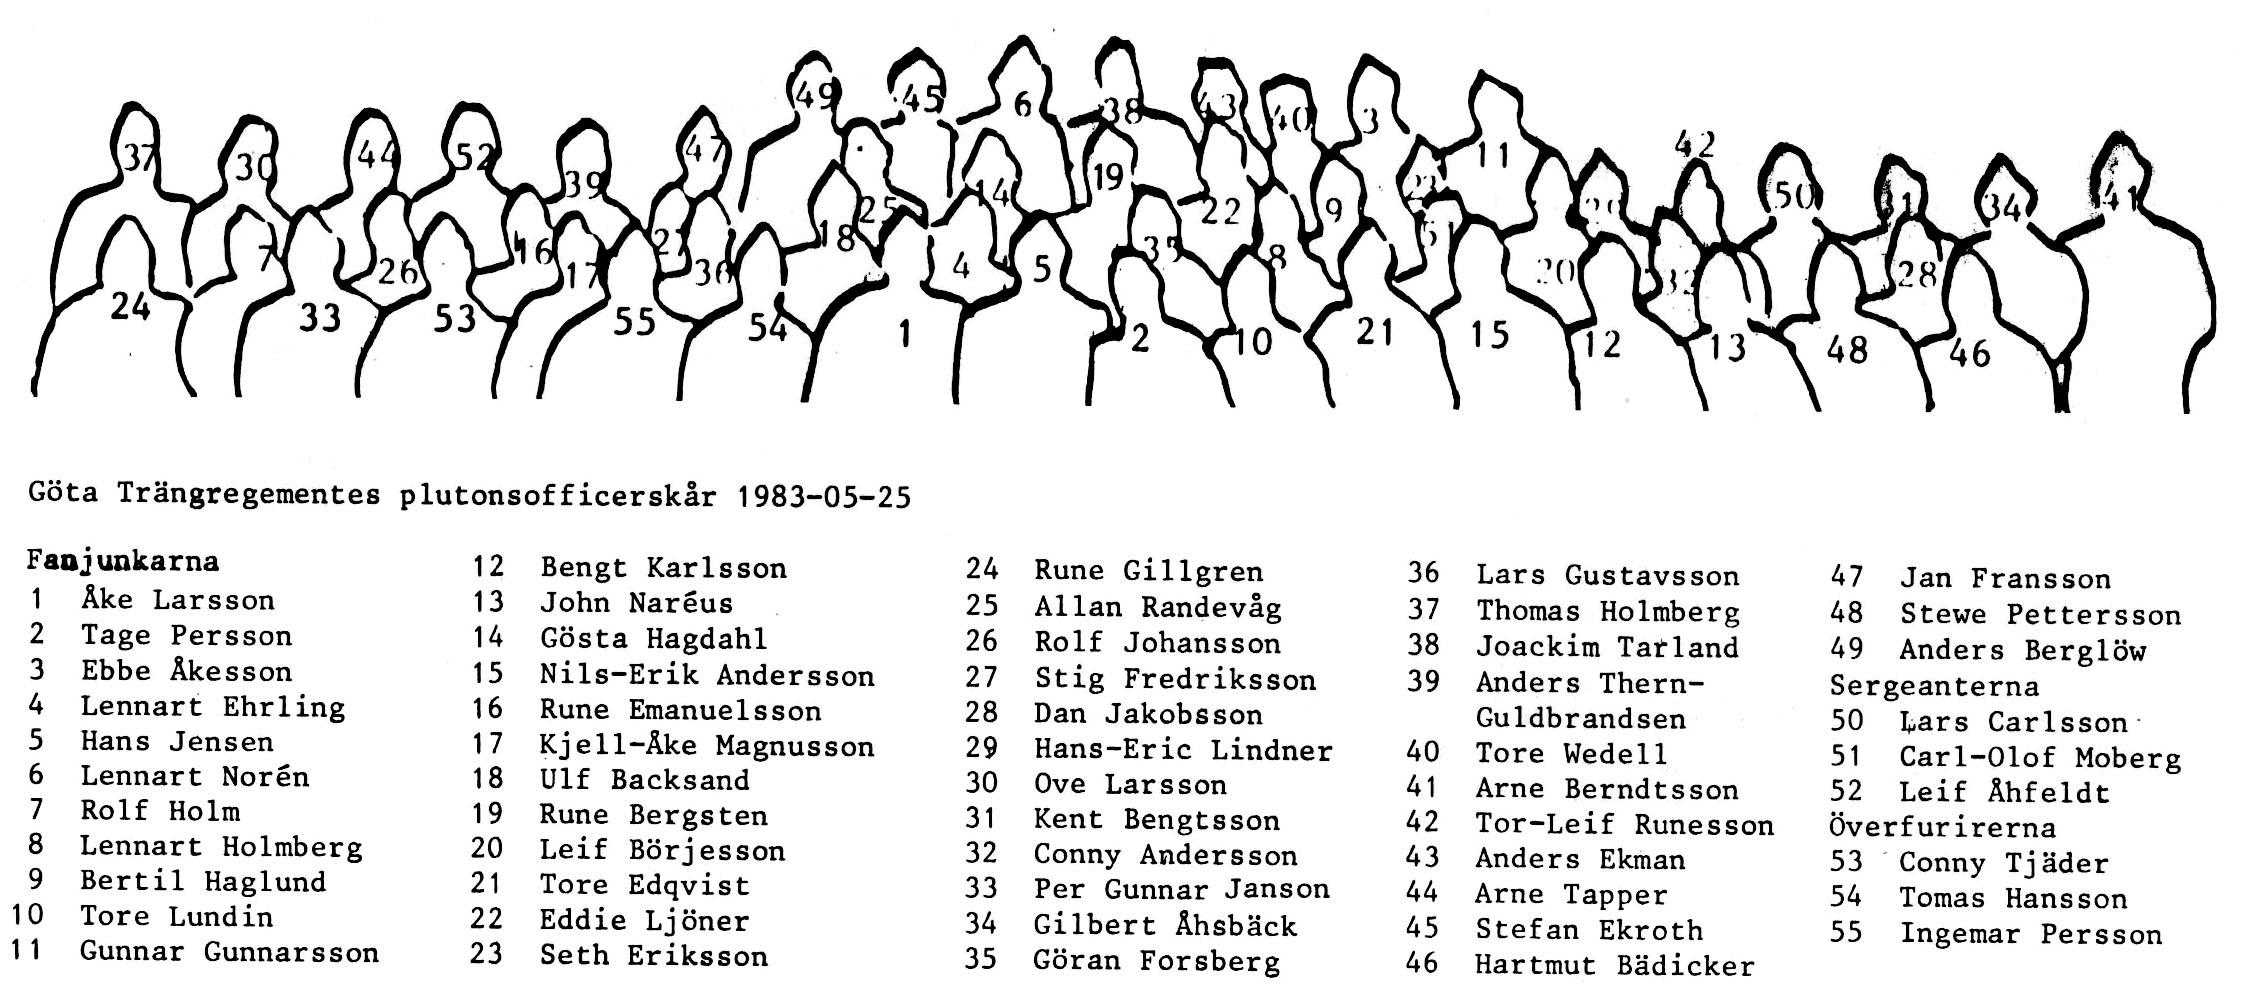 T2_Plutoff_1983